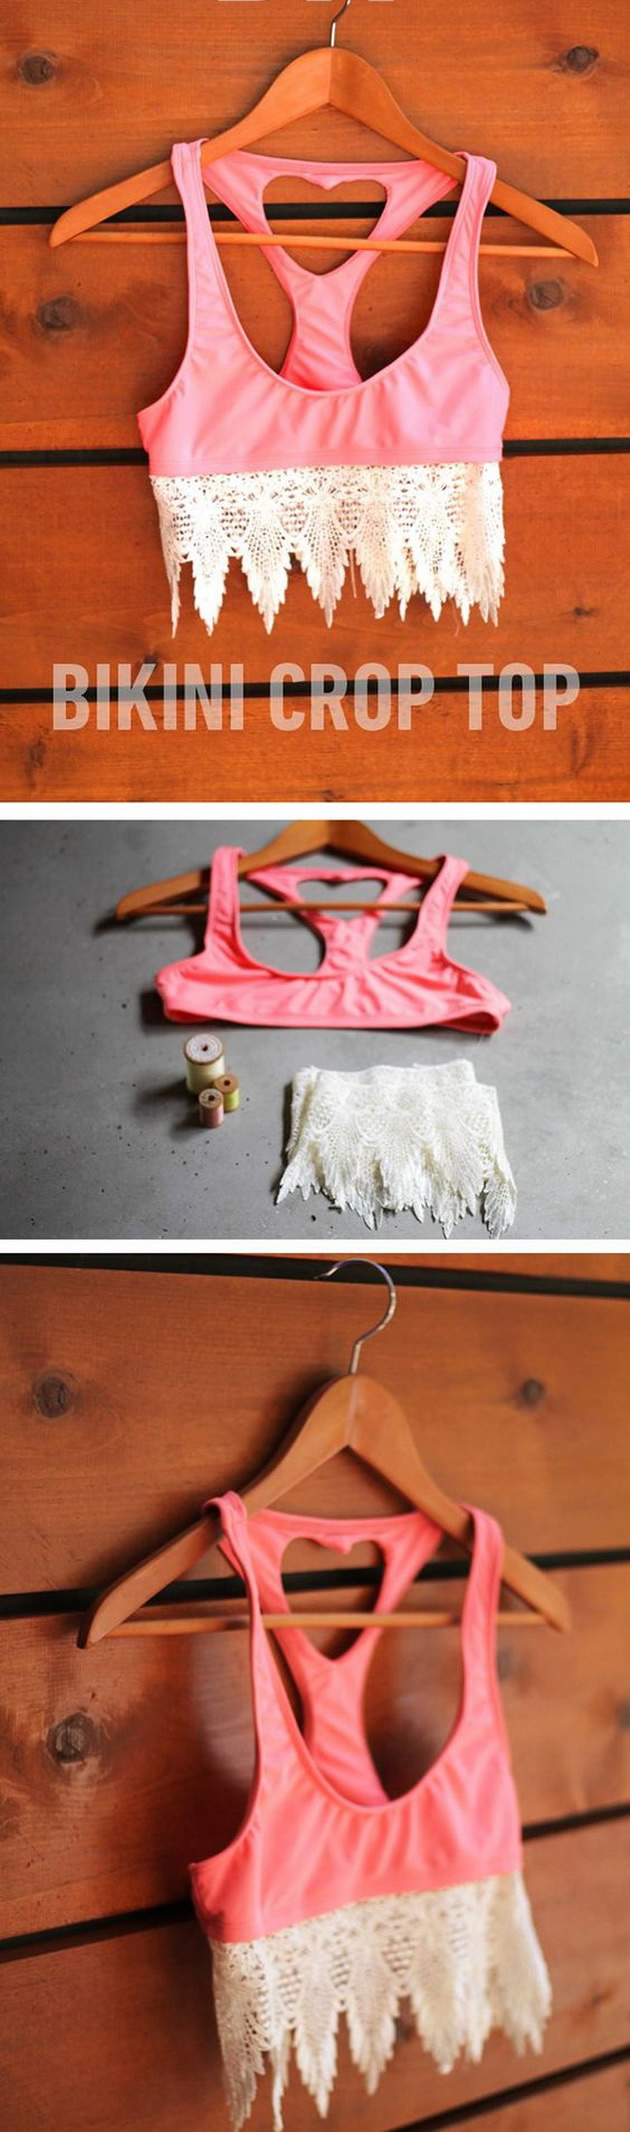 podnovete-se-10-letni-parcinja-obleka-koi-mozete-da-gi-napravite-sami-07.jpg